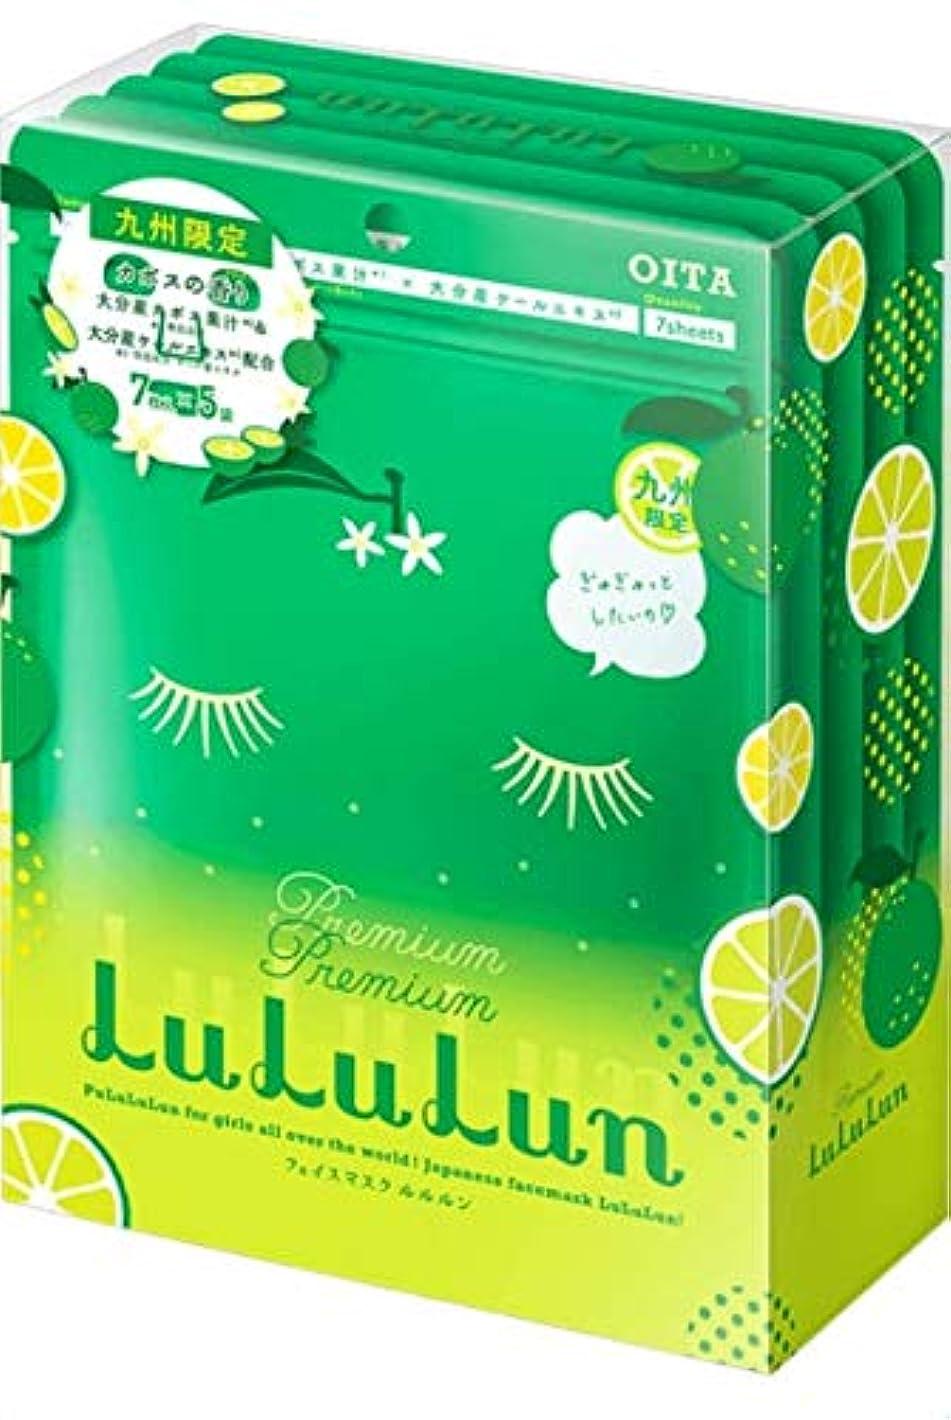 罪防止見通し九州プレミアム LuLuLun (ルルルン) フェイスマスク カボスの香り 7枚×5袋